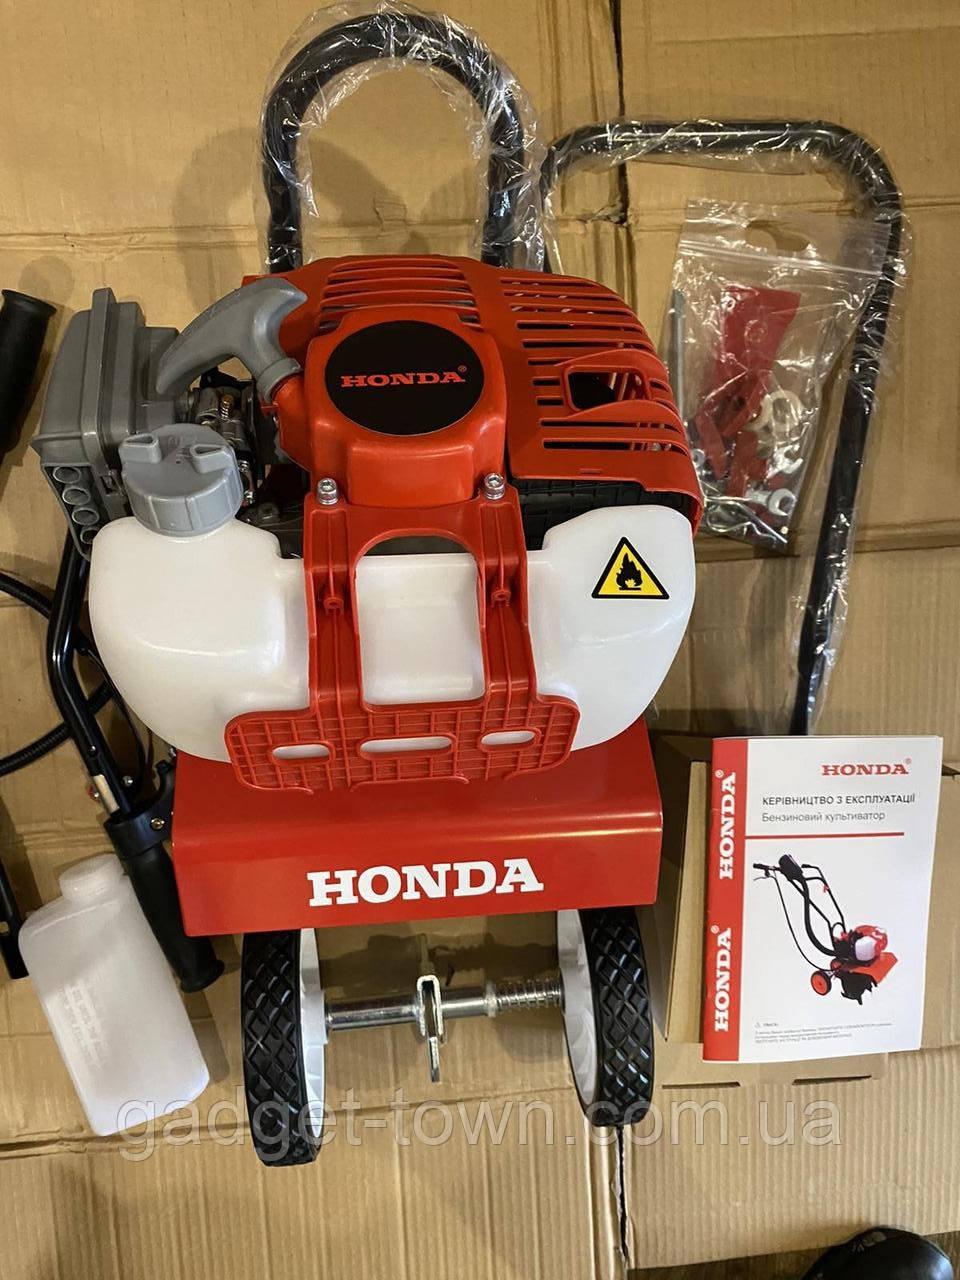 Мотокультиватор HONDA Культиватор бензиновий 2-х тактний (3.1 квт 52 куб см)